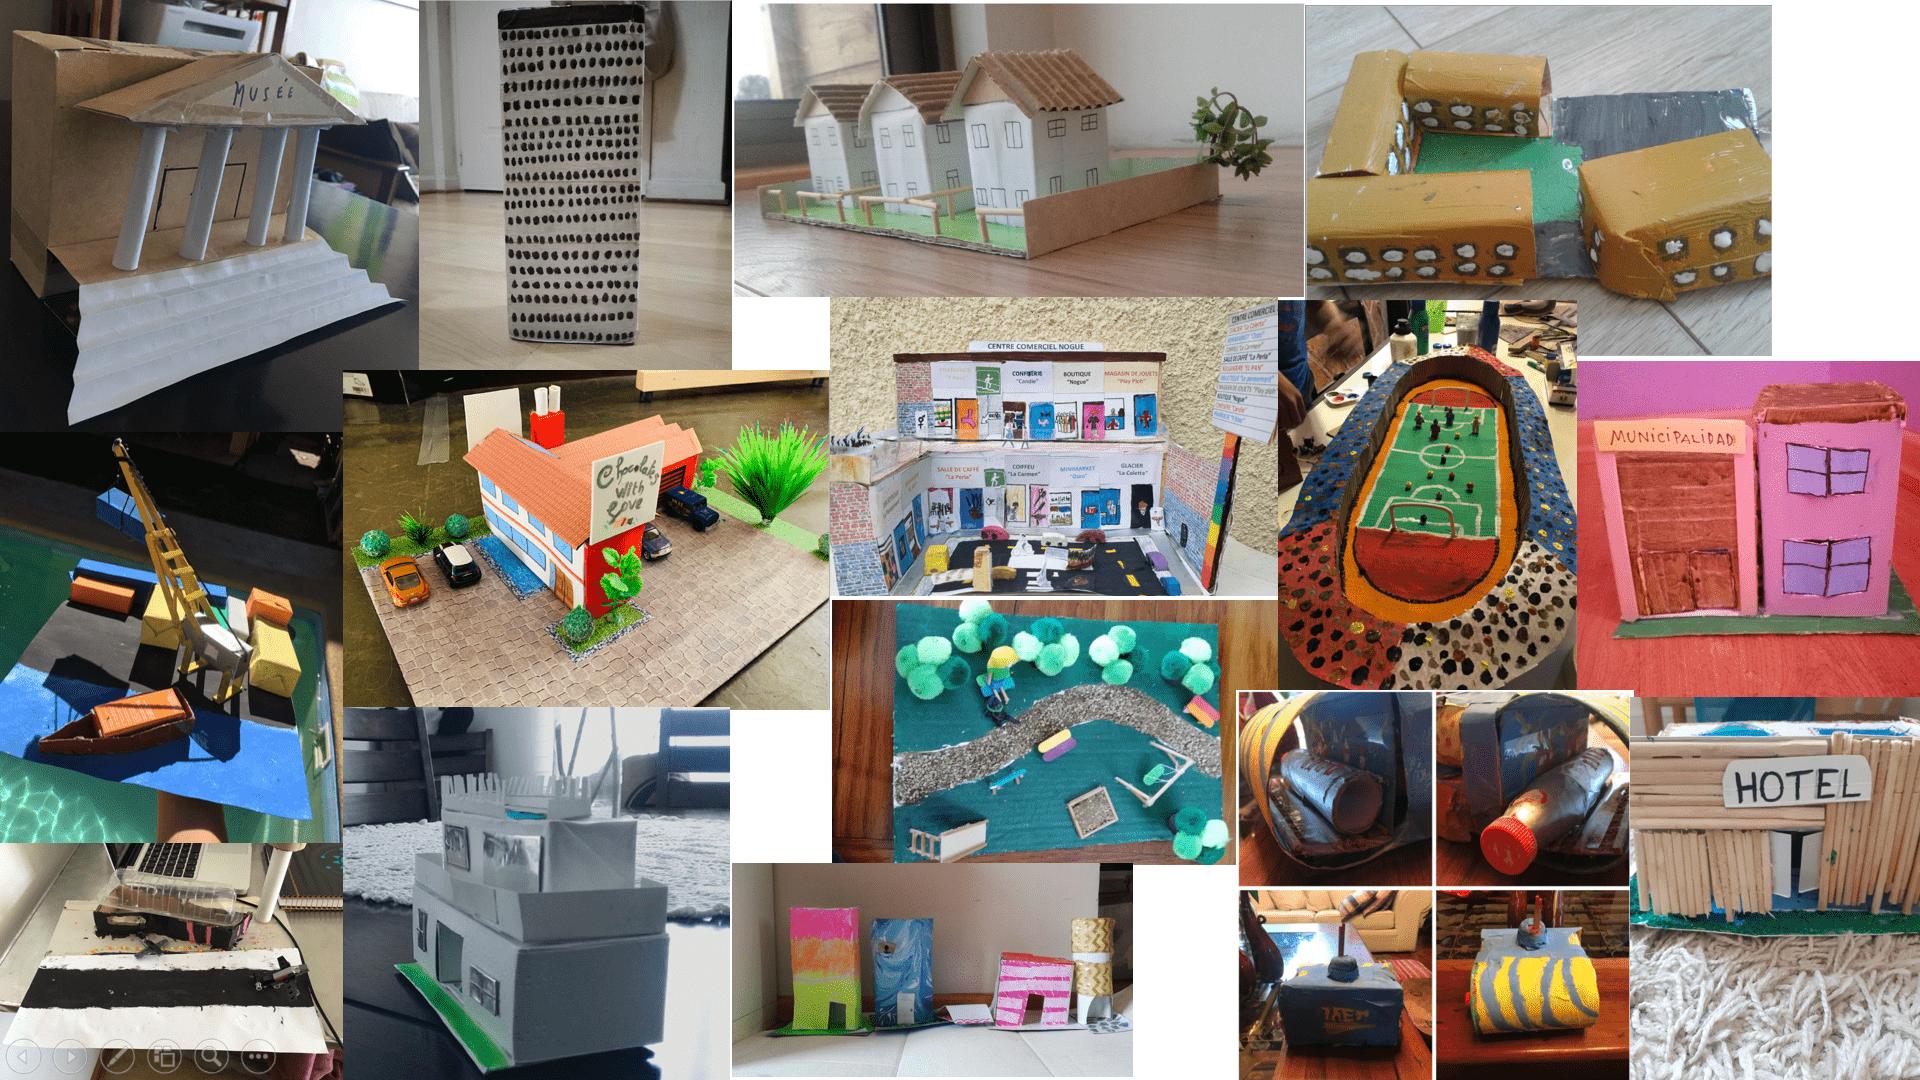 Construyamos juntos nuestra ciudad en miniatura